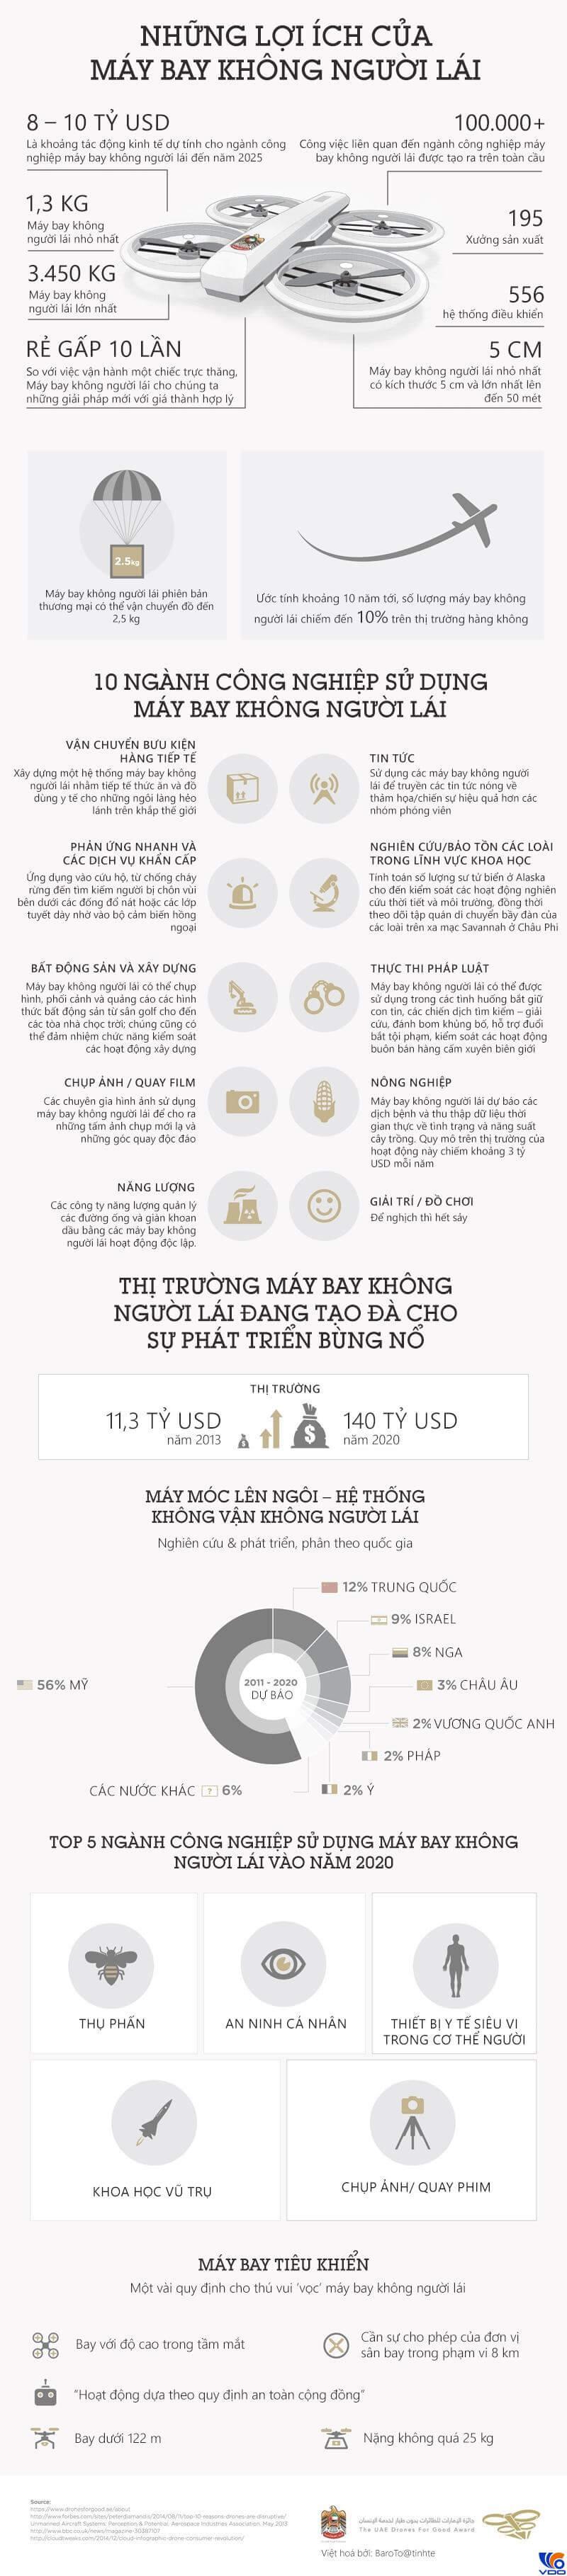 tim-hieu-chi-tiet-ve-chiec-may-bay-khong-nguoi-lai-drone